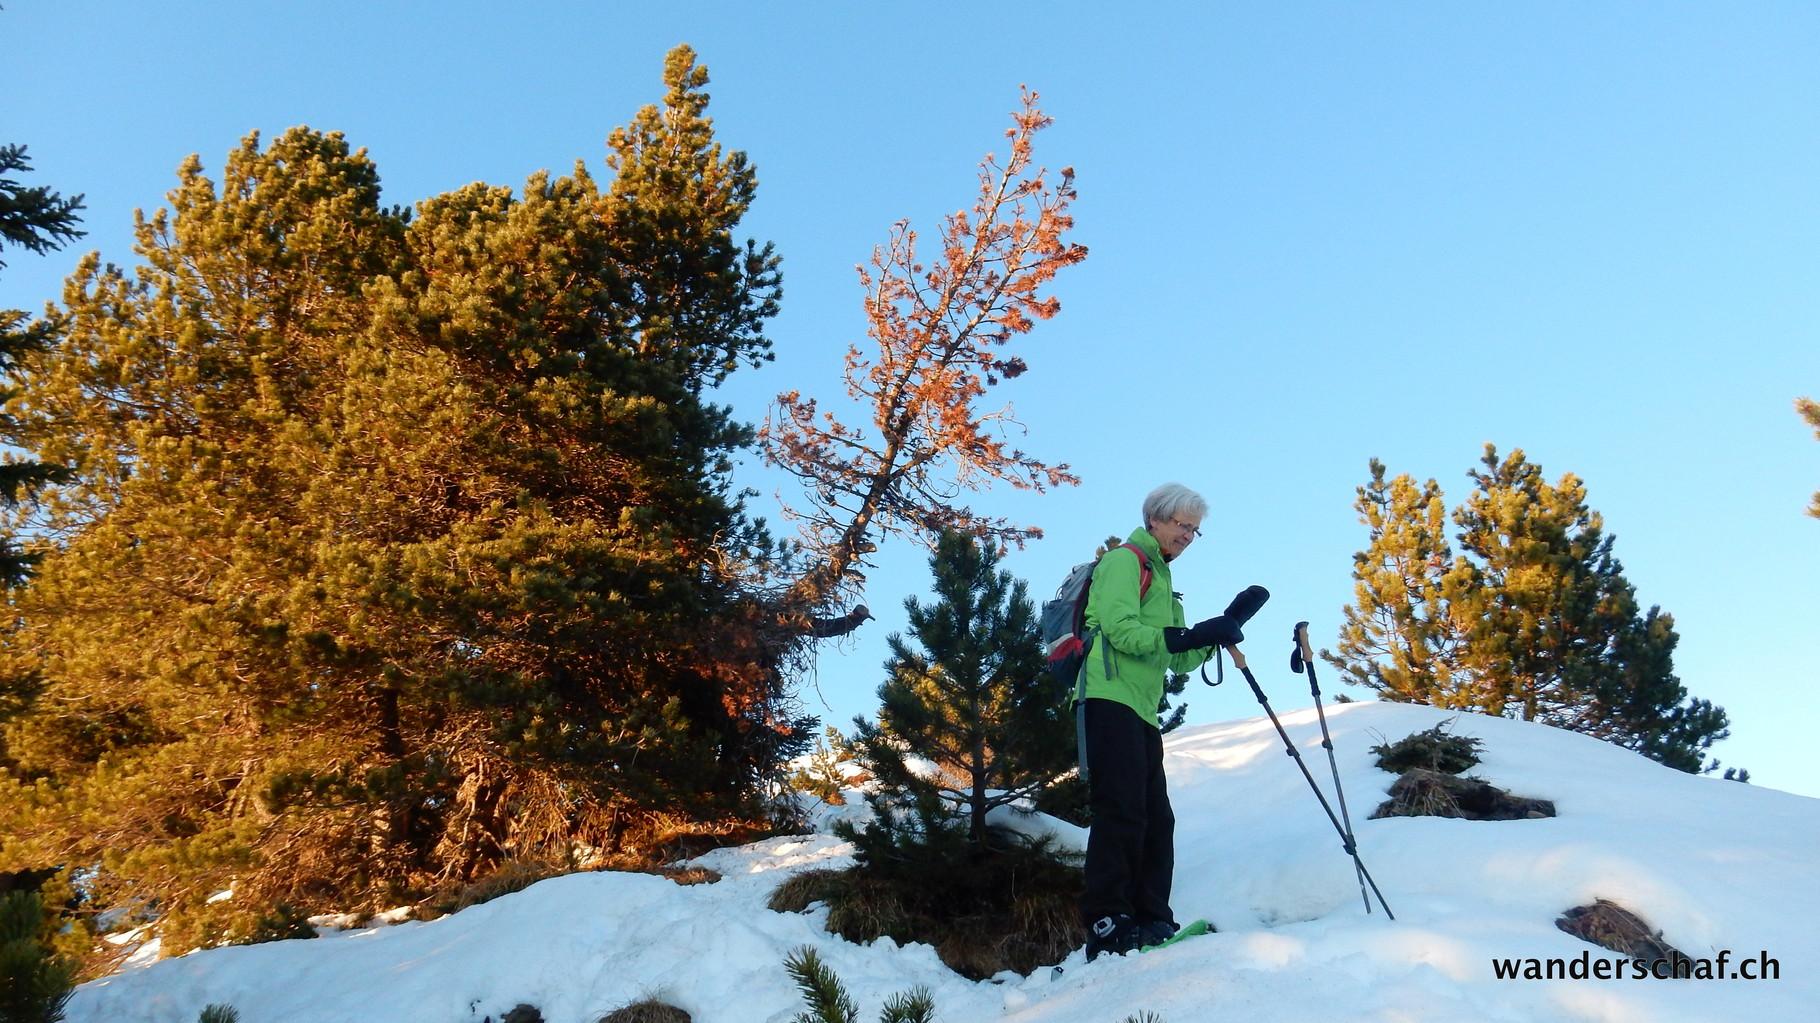 über den Grat geht's runter Richtung Seewenegg